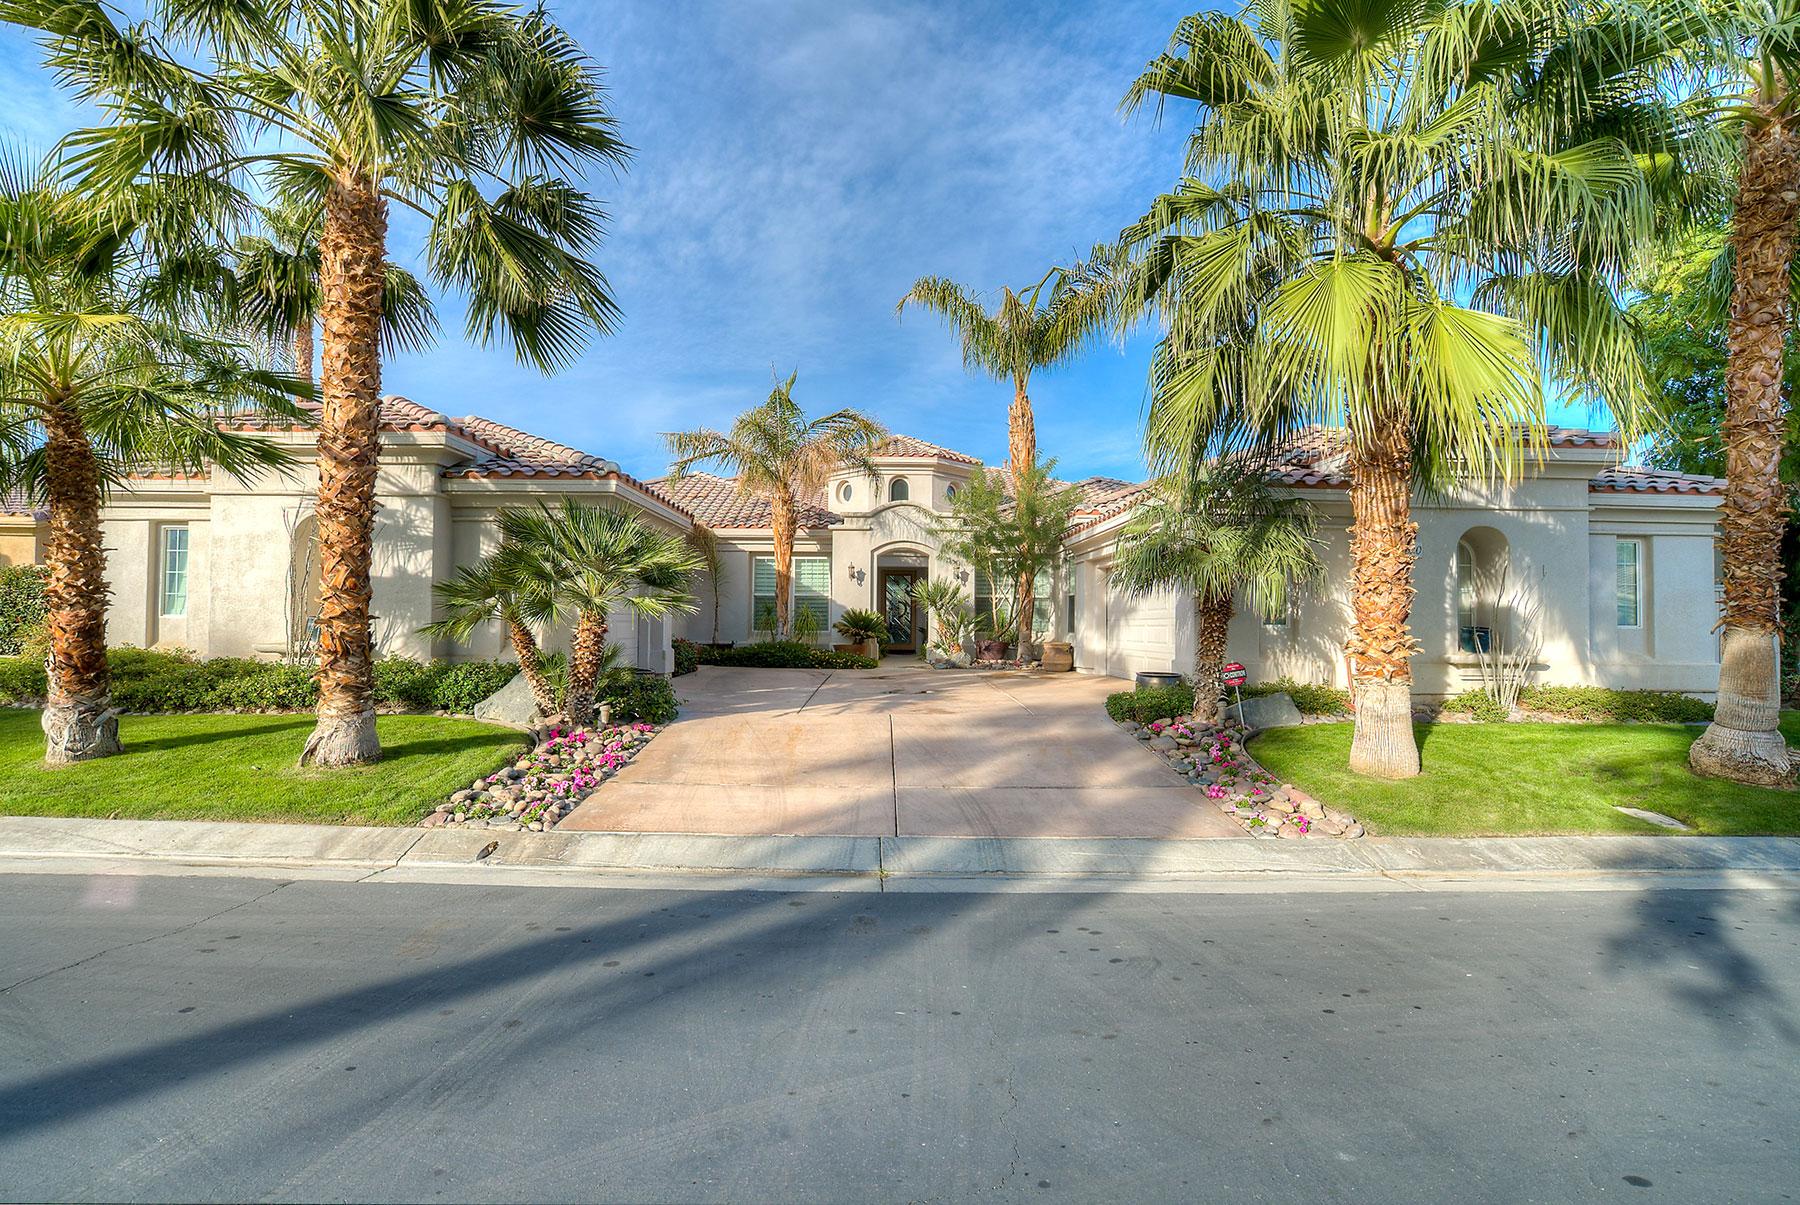 Villa per Vendita alle ore 81320 Golf View La Quinta, California, 92253 Stati Uniti